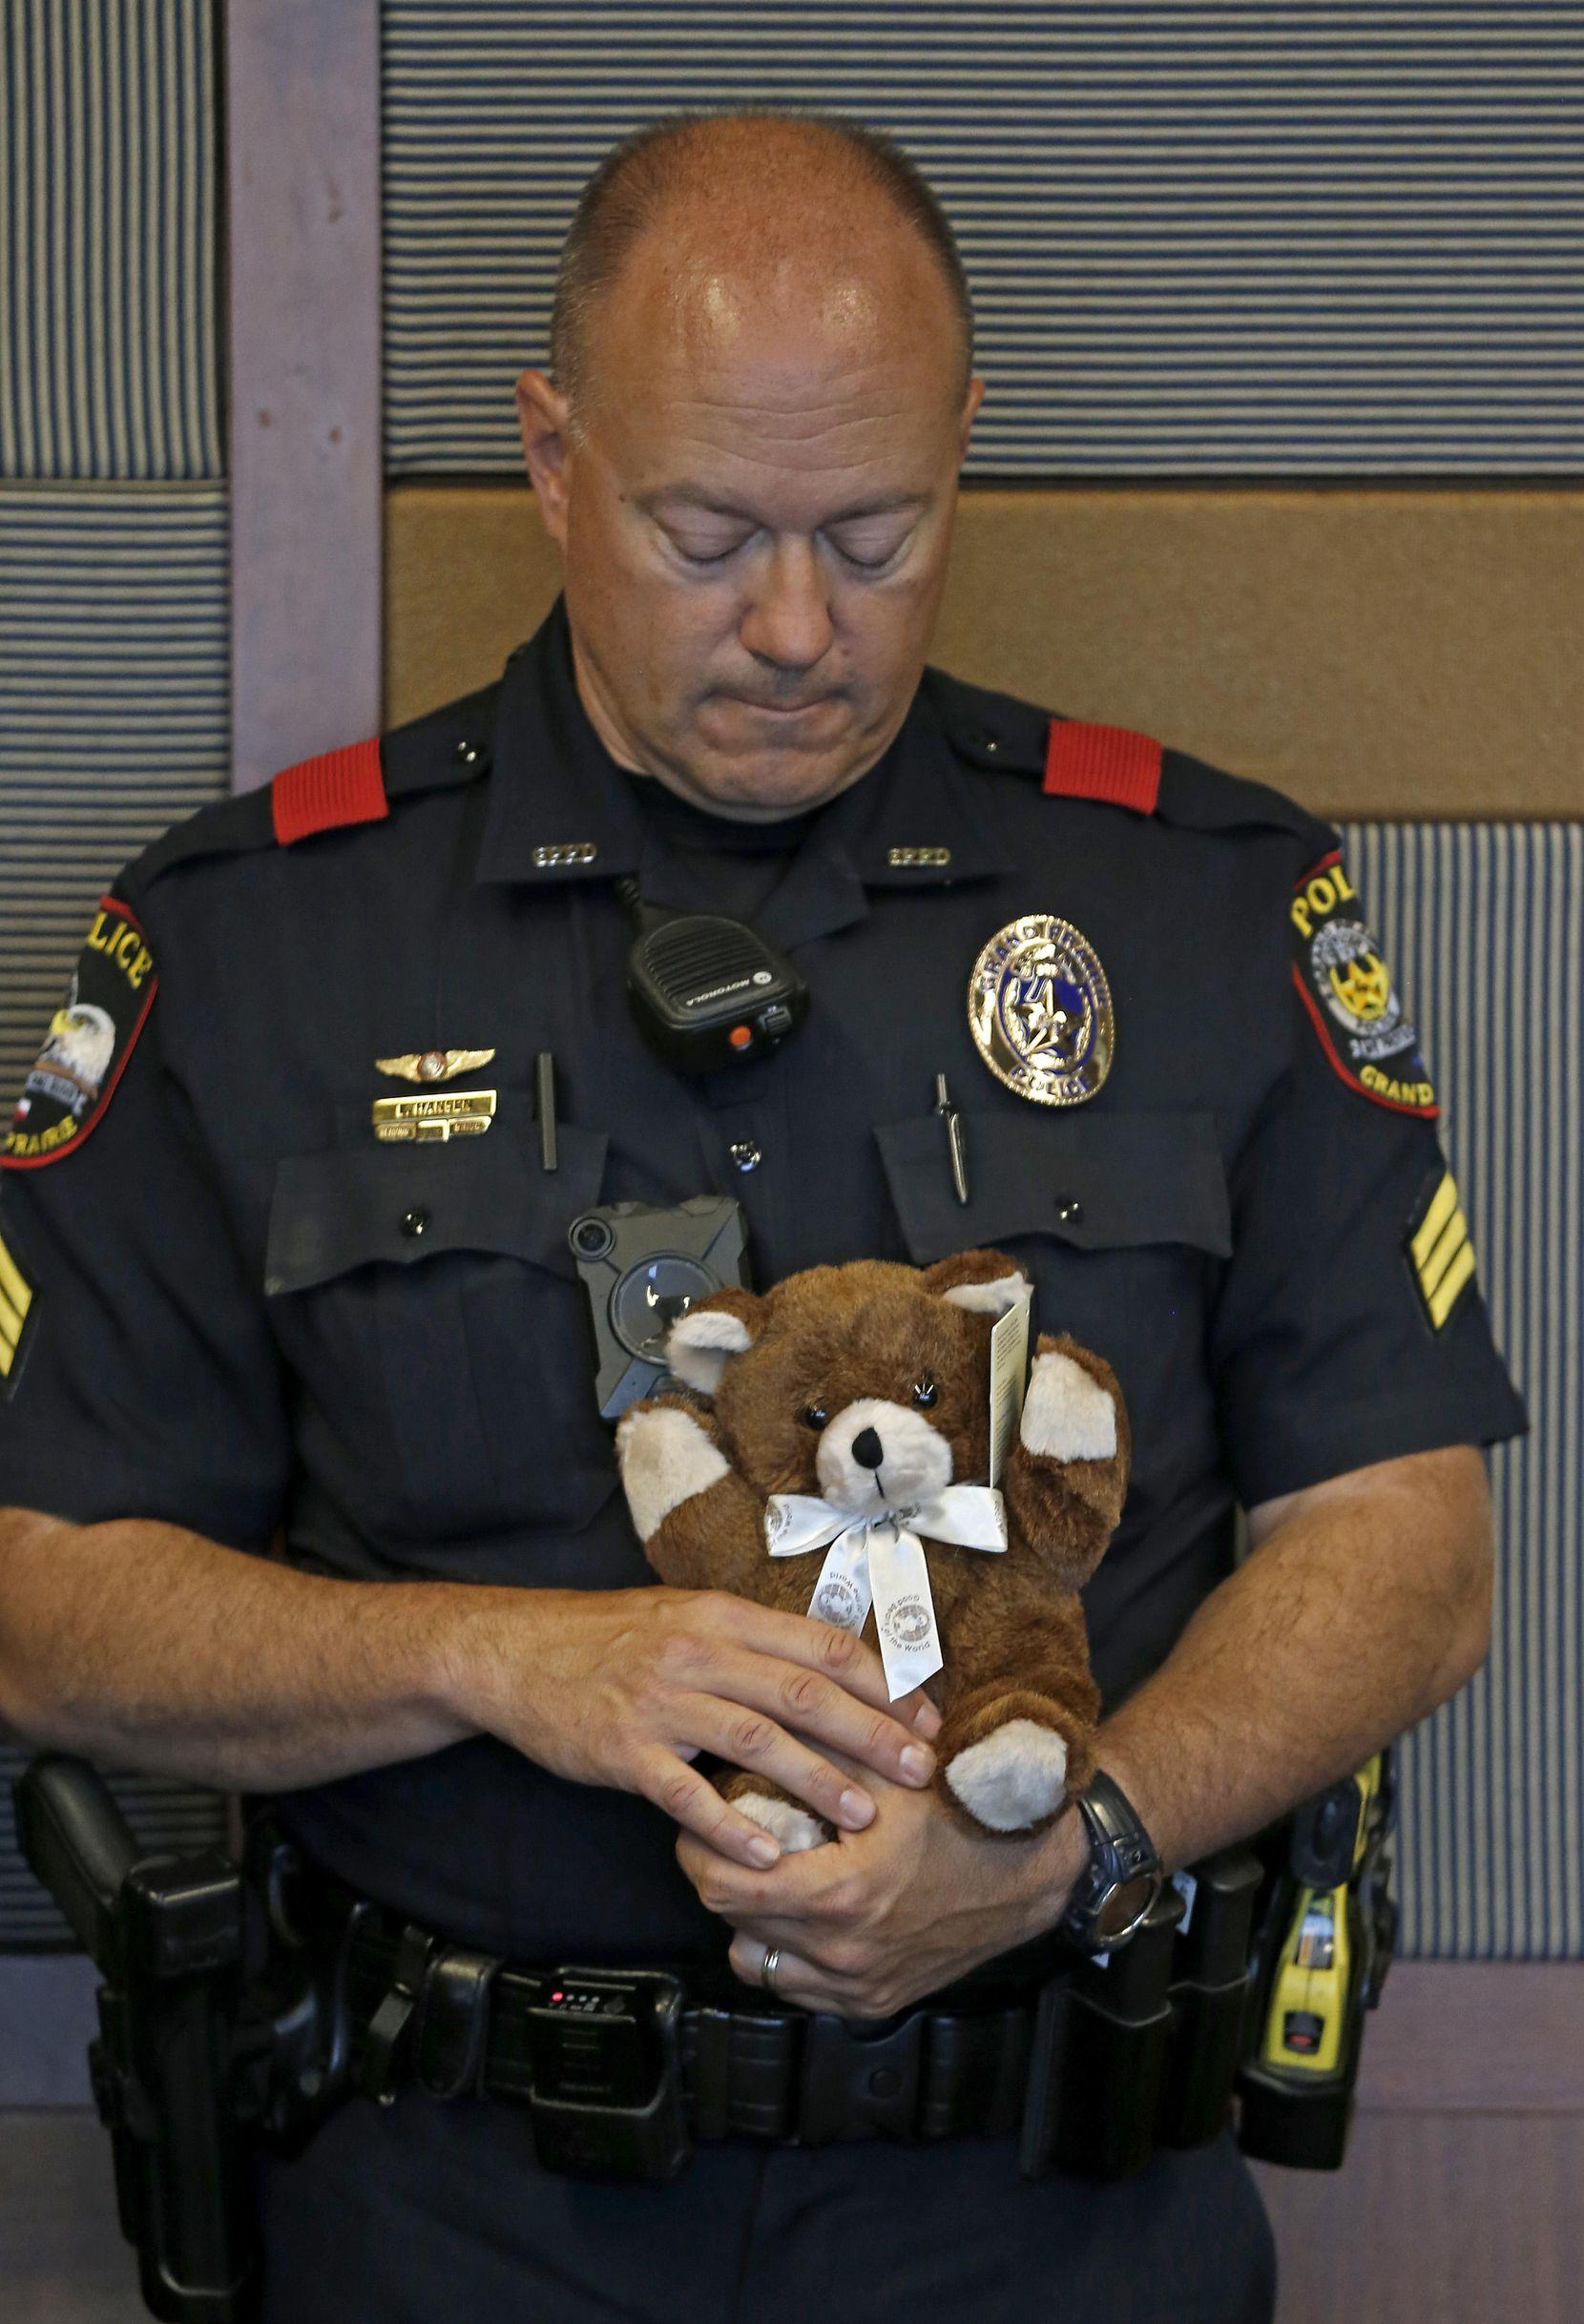 El sargento Eric Hansen, de la unidad de tránsito de la policía de Grand Prairie, con uno los ositos de peluche que llevará la policía para consolar a niños cuyos padres sean parte de incidentes de alcoholismo en la carretera.